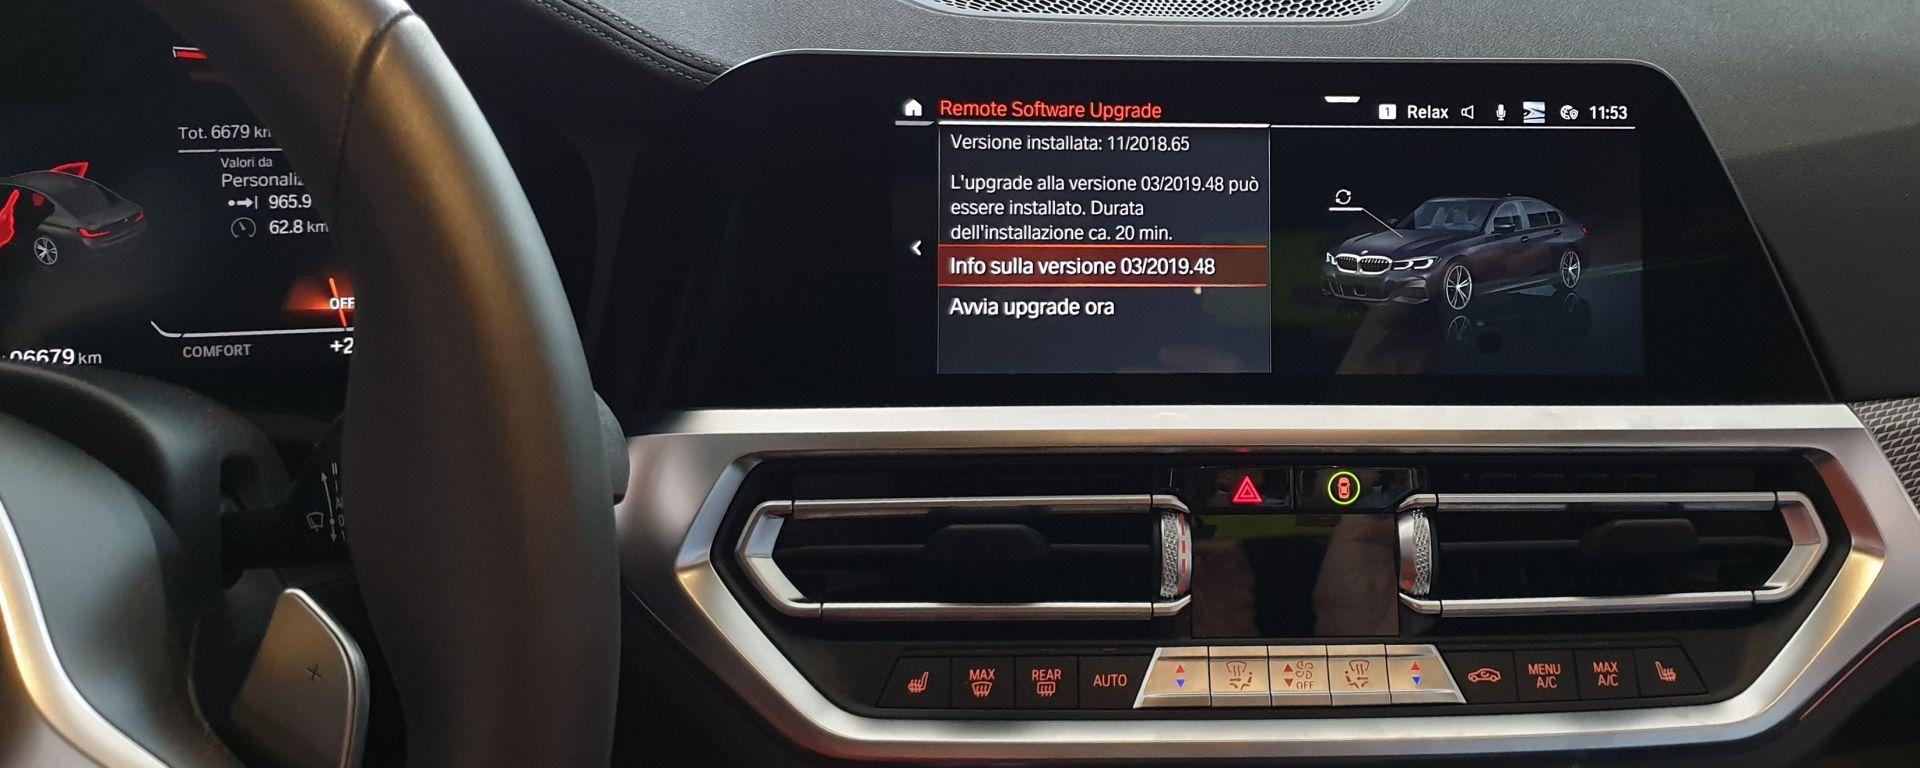 BMW Remote Sofware Update, da estate 2019 aggiornamento OTA